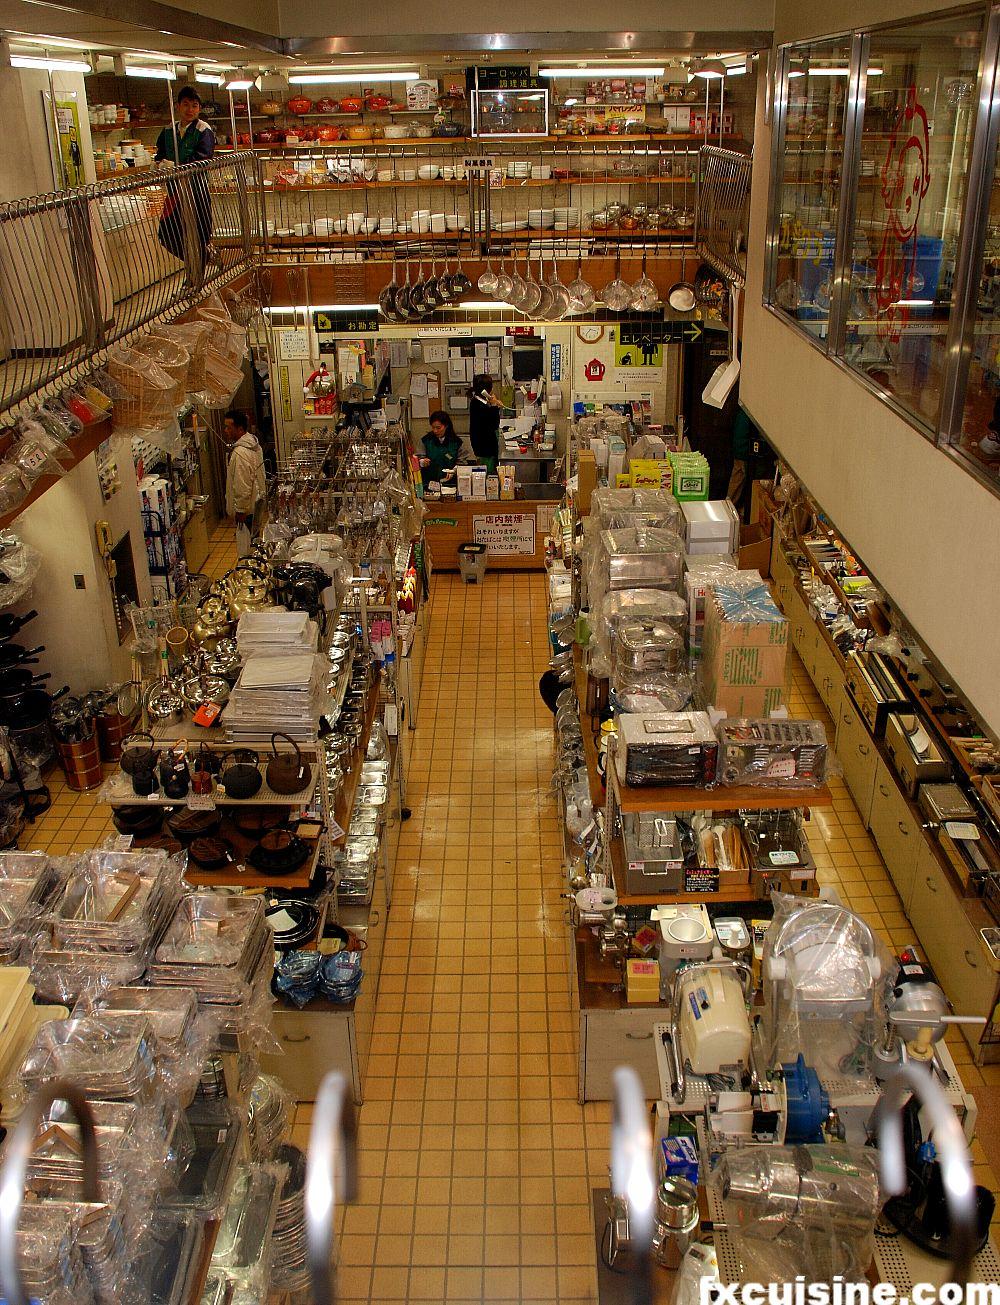 Tiendas De Utensilios De Cocina | Kappabashi Dori En Tokio El Mercado Mas Grande De Equipo Y